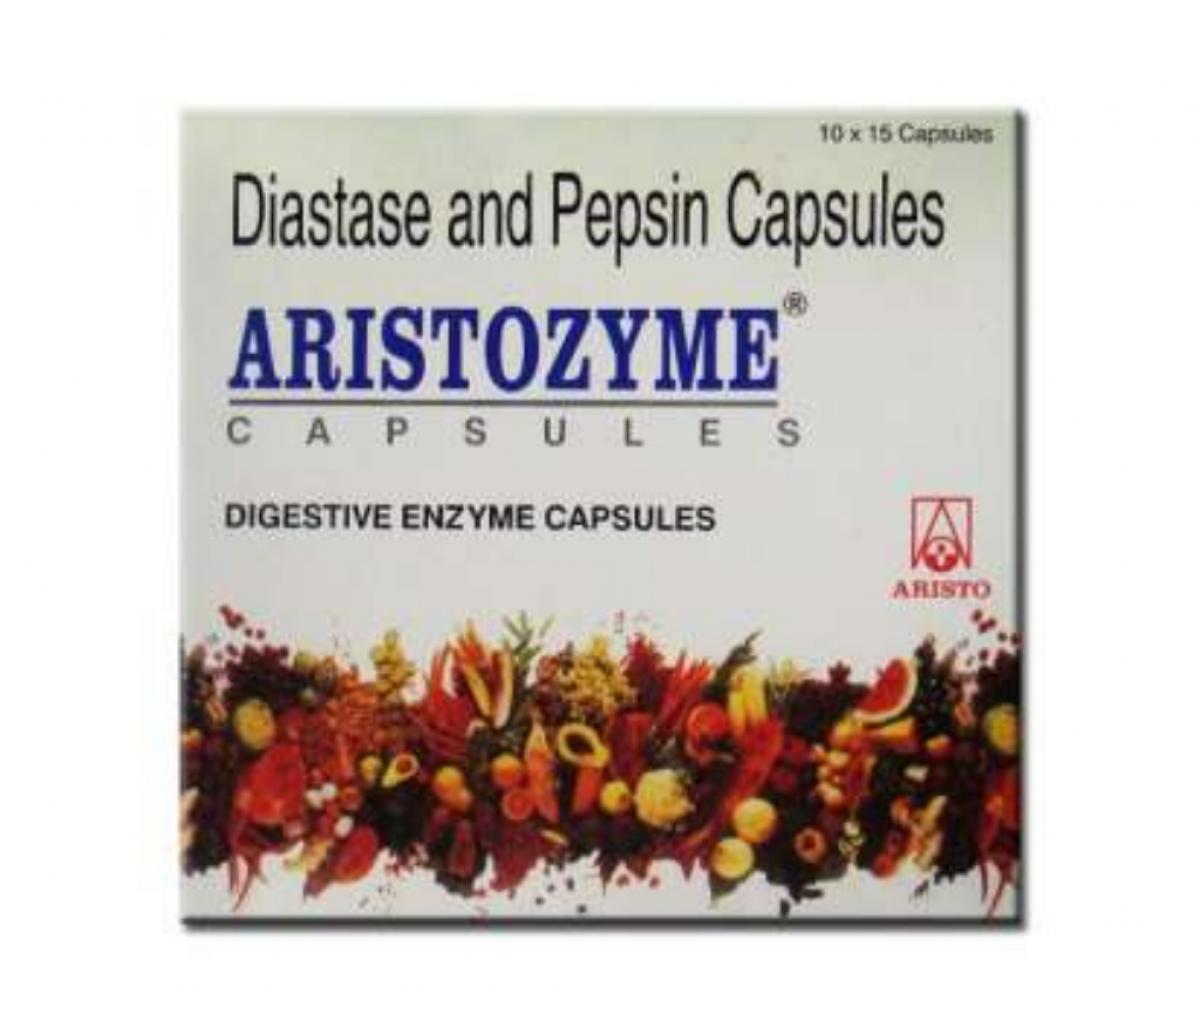 Aristozyme Capsule